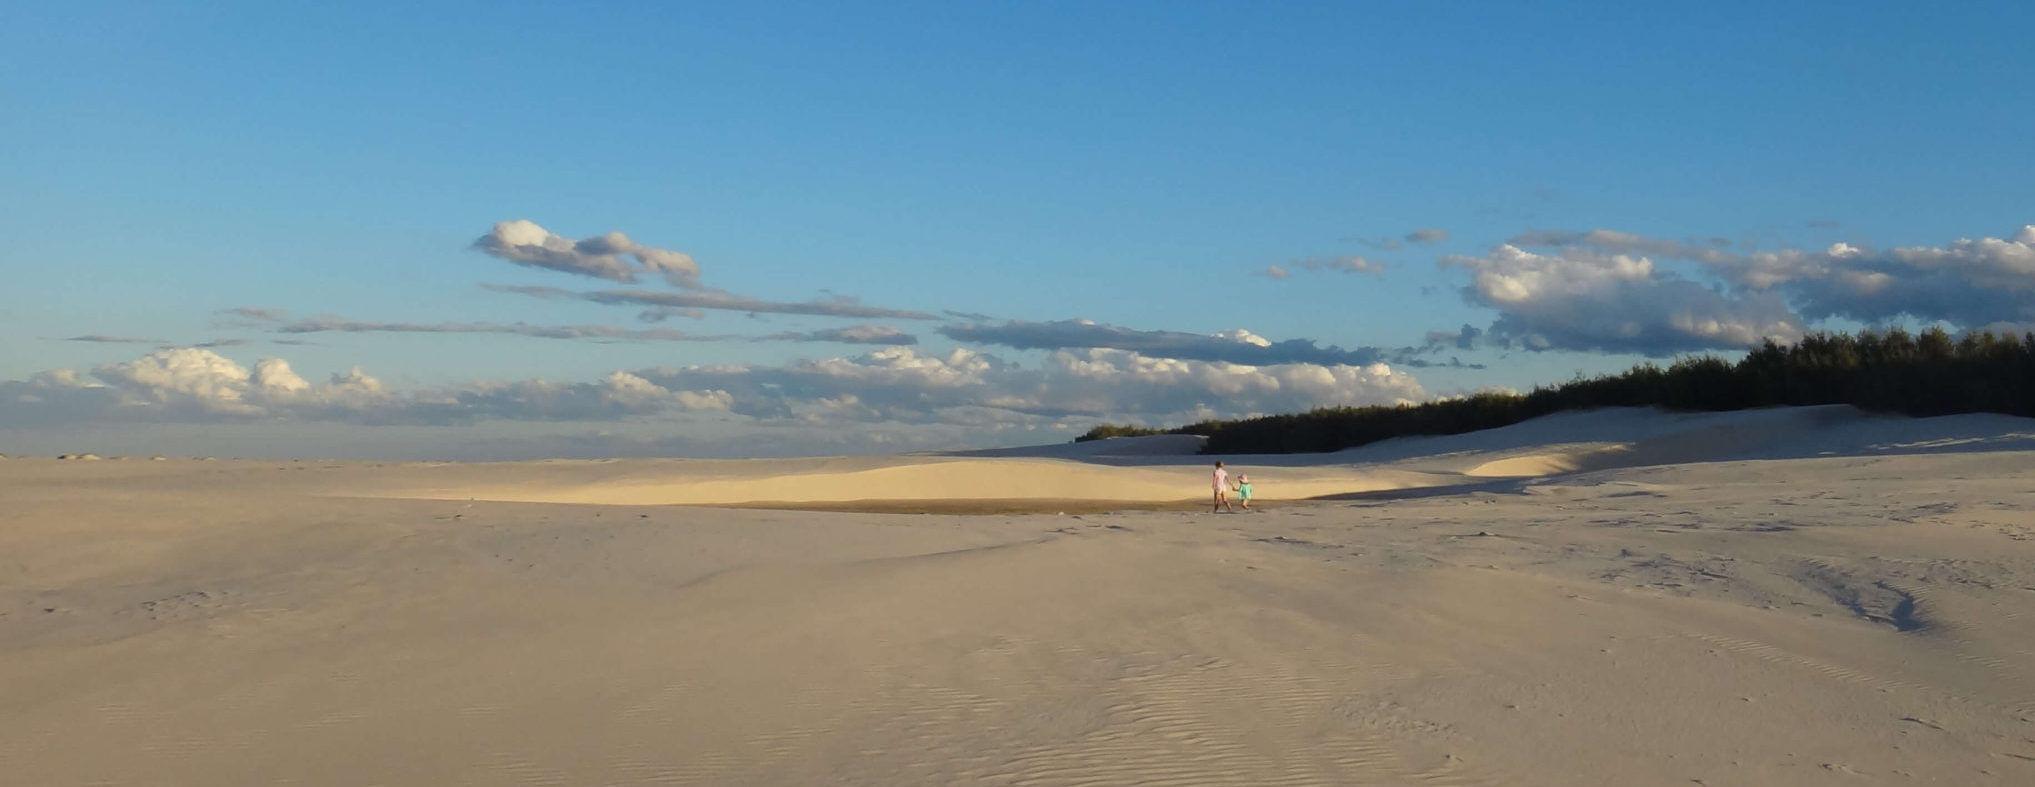 brisbane holiday queensland beach